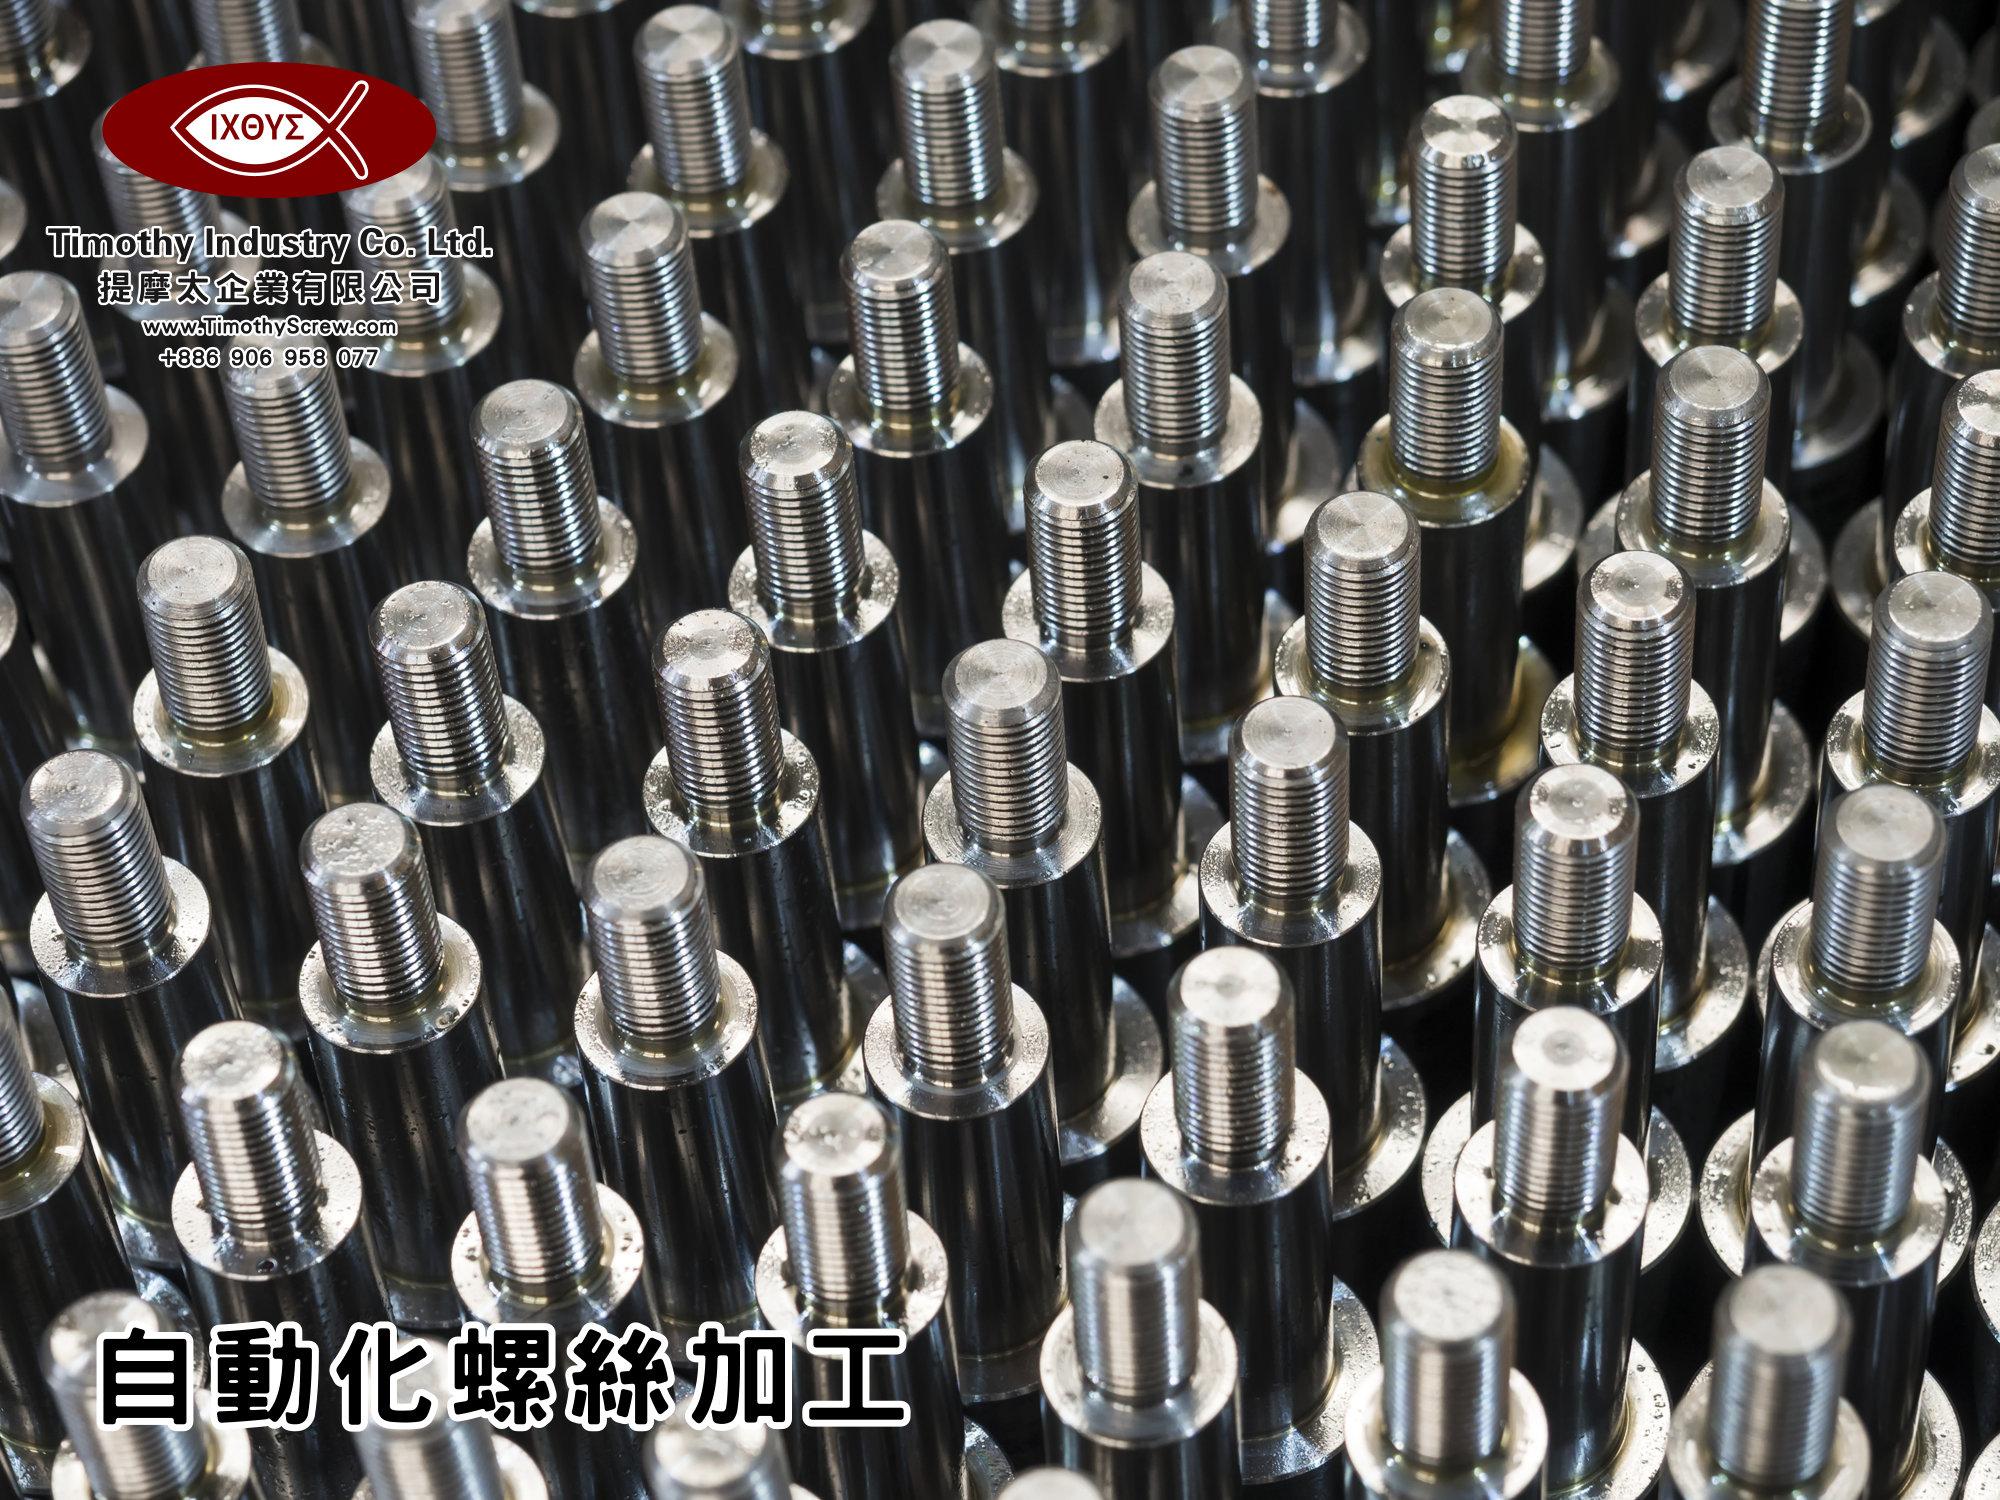 提摩太企業有限公司 Timothy Industry Co Ltd 自動化螺絲加工 車床部 銑床部 台灣自動化螺絲加工 螺絲製造 A08